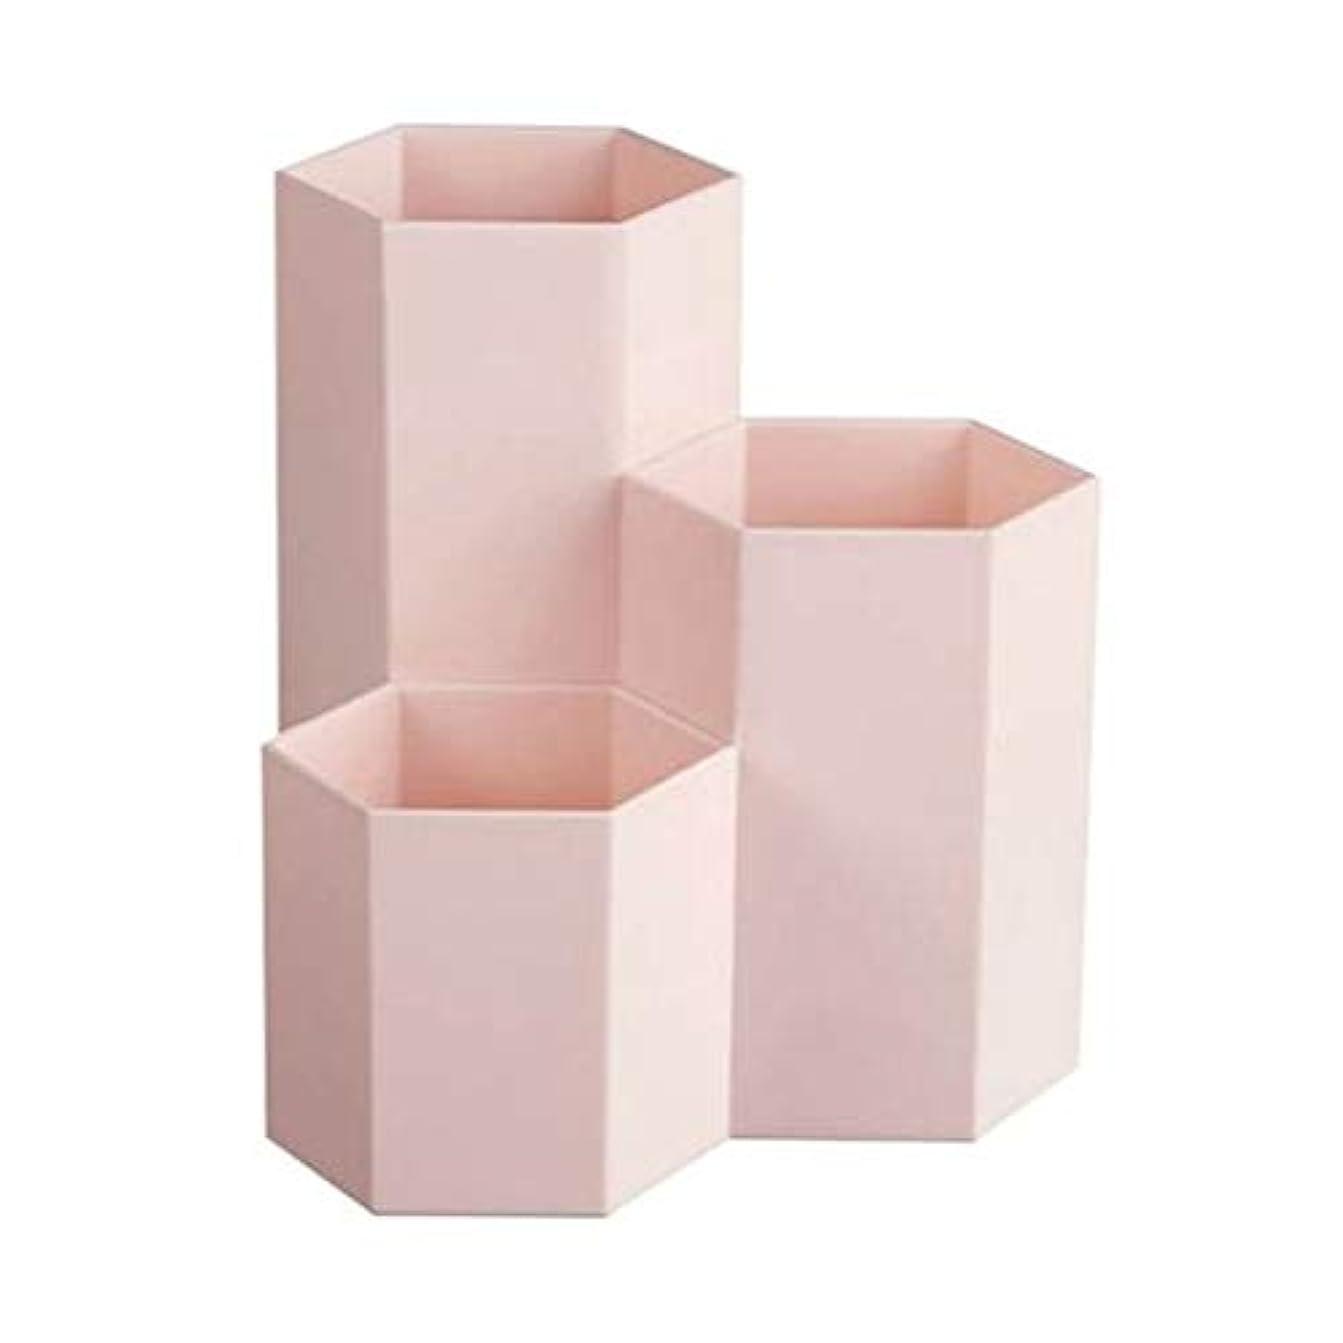 あからさま狂気スーダンTerGOOSE 卓上収納ケース メイクブラシケース メイクブラシスタンド メイクブラシ収納ボックス メイクケース ペンホルダー 卓上文房具収納ボックス ペン立て 文房具 おしゃれ 六角 3つのグリッド 大容量 ピンク